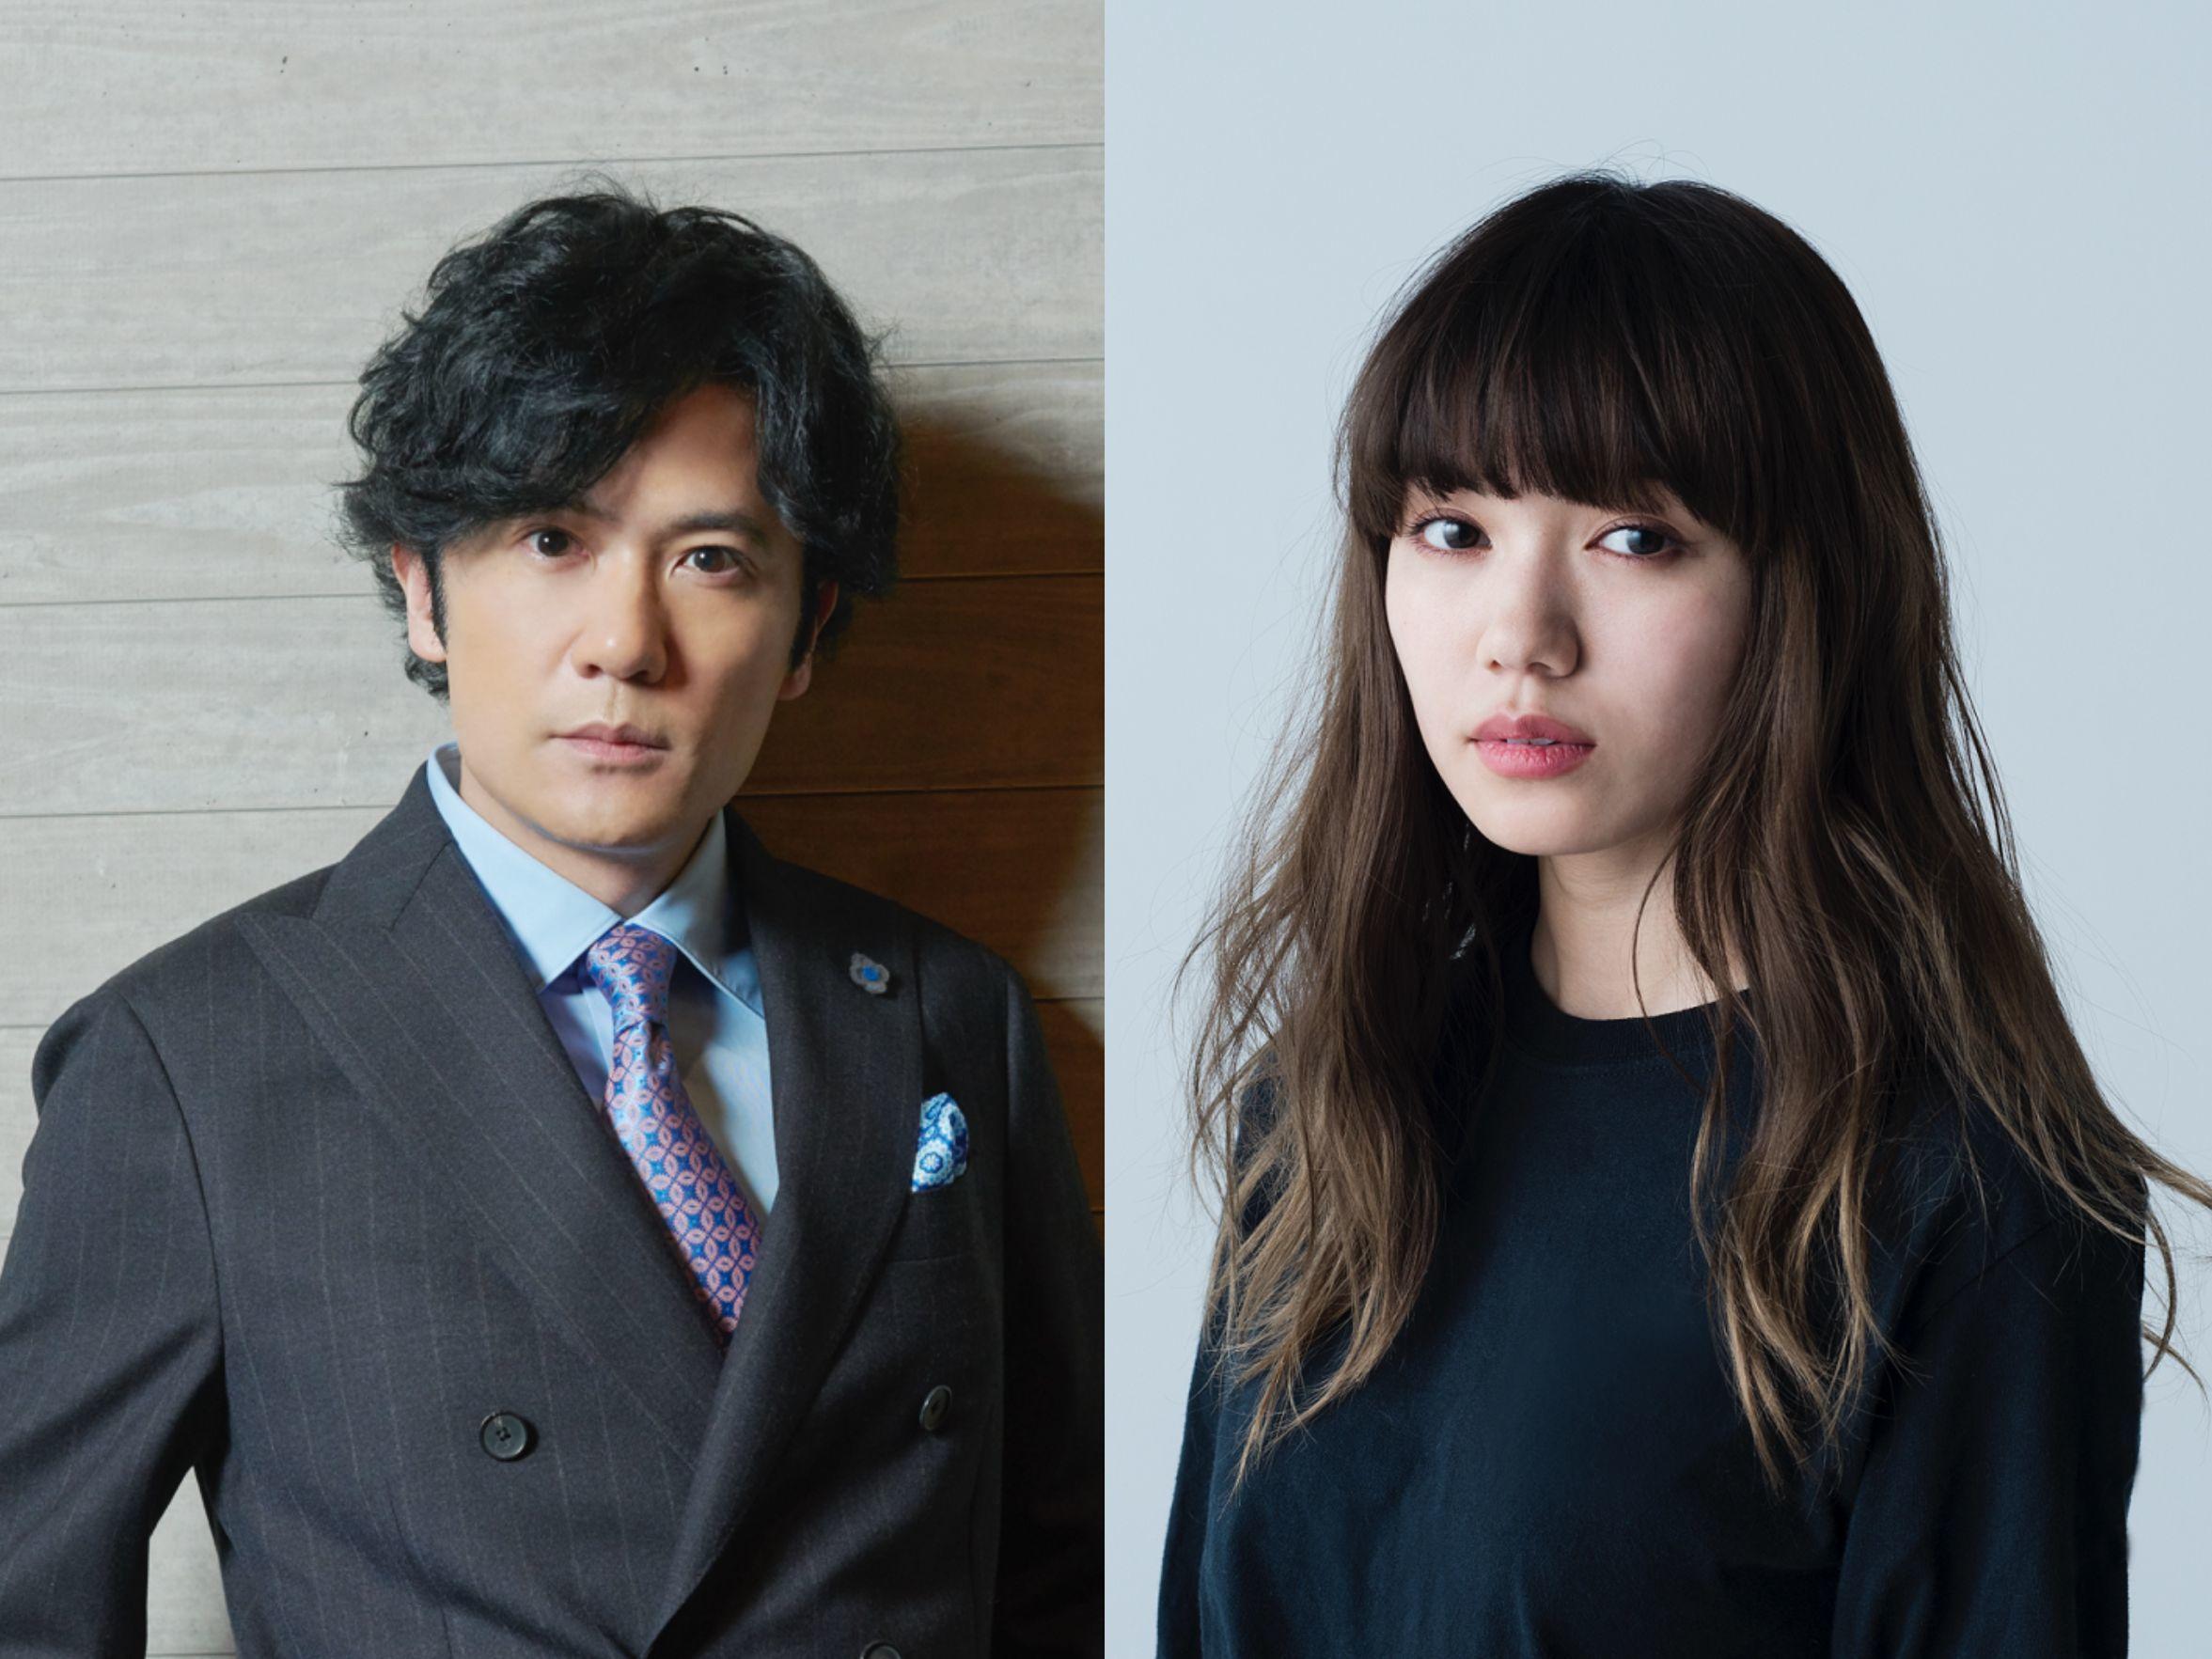 左から、稲垣吾郎、二階堂ふみ